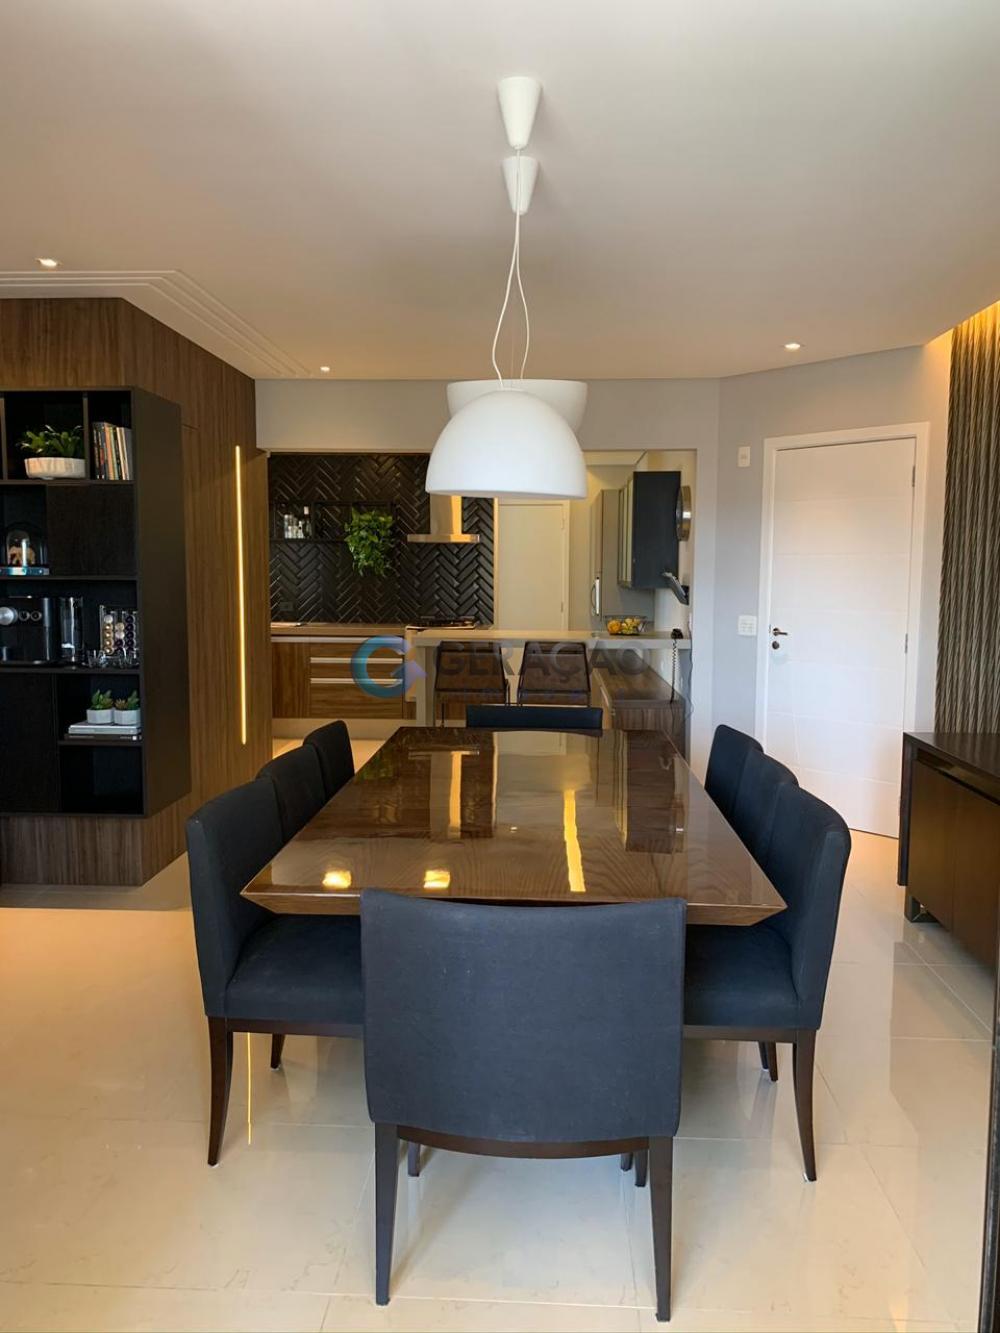 Comprar Apartamento / Padrão em São José dos Campos apenas R$ 950.000,00 - Foto 3